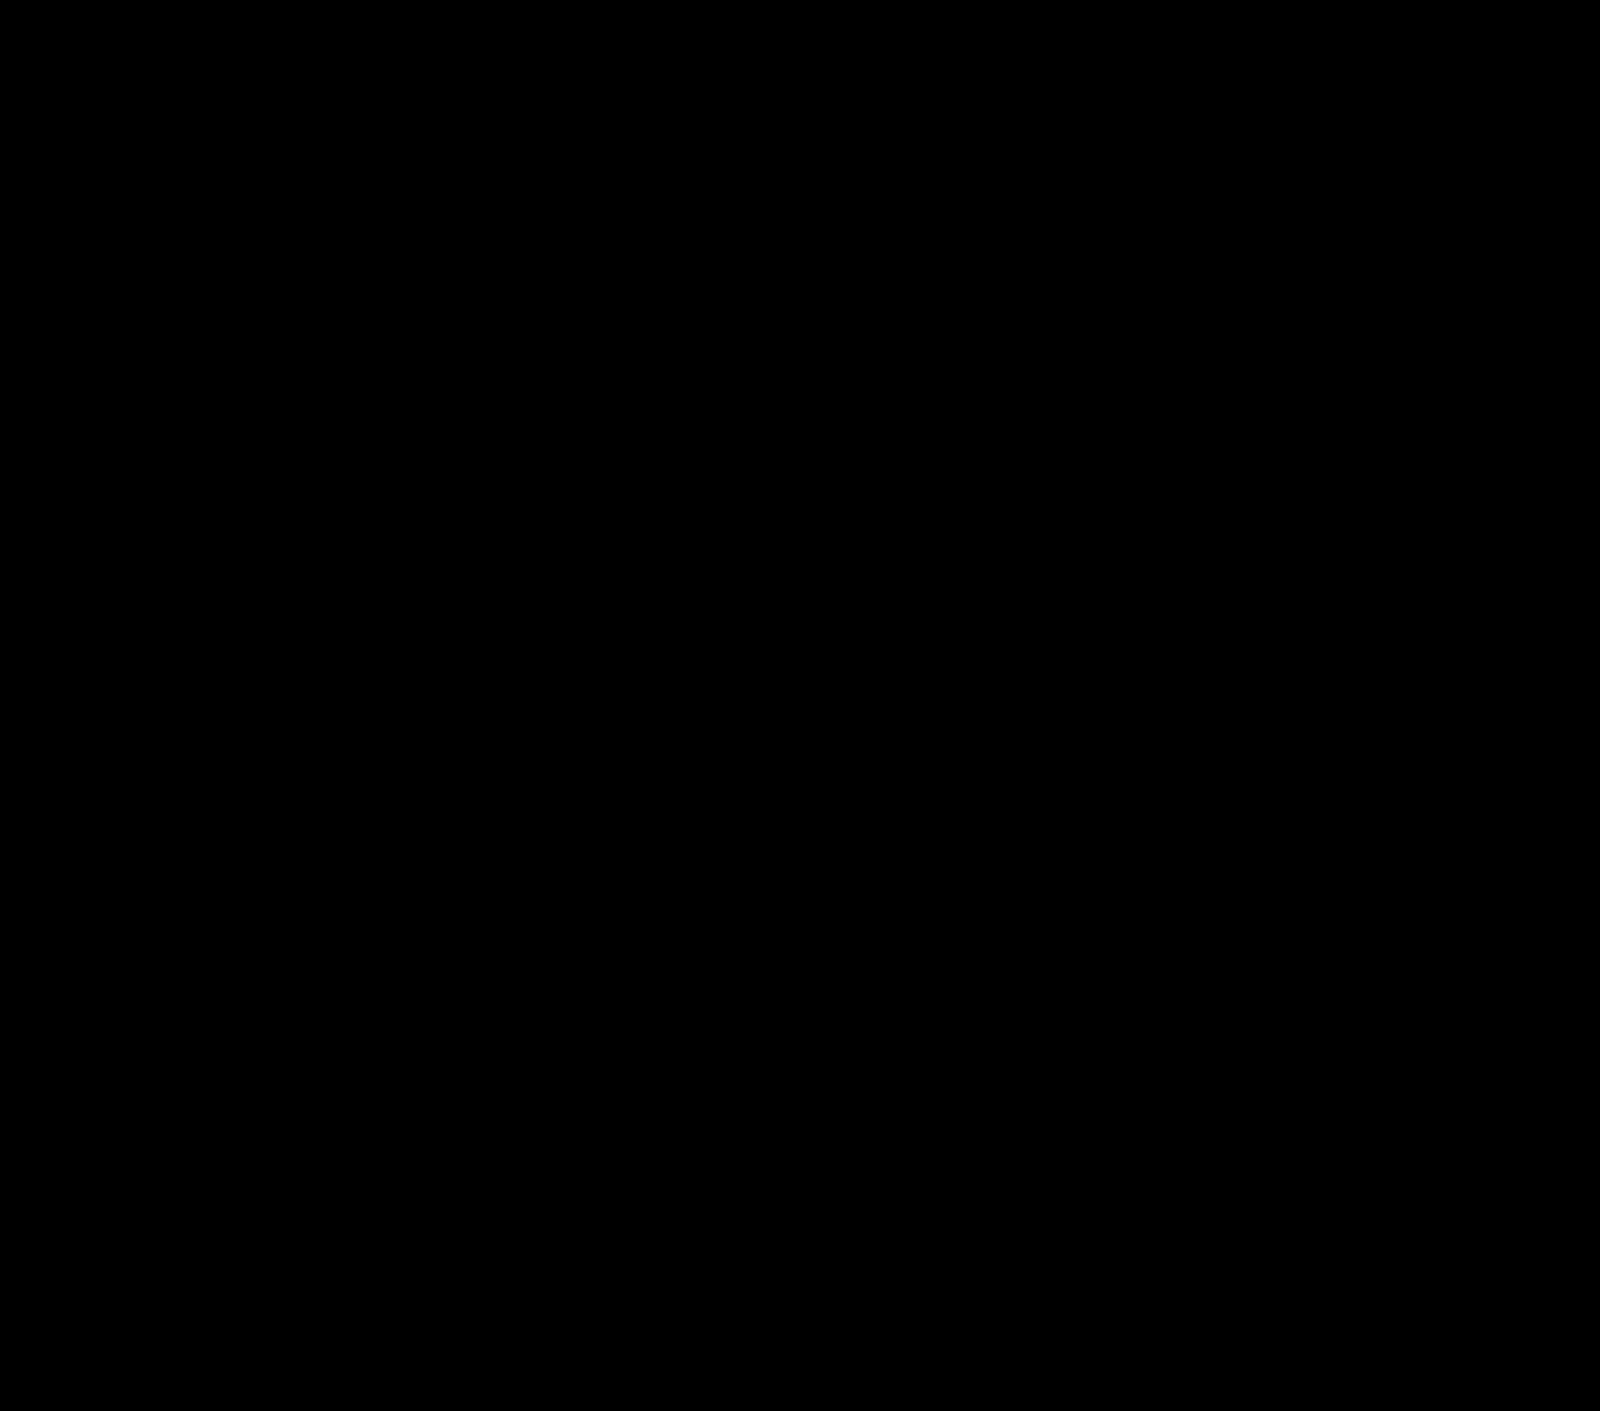 vanha piirros jossa kaksi nyrkkeilijää